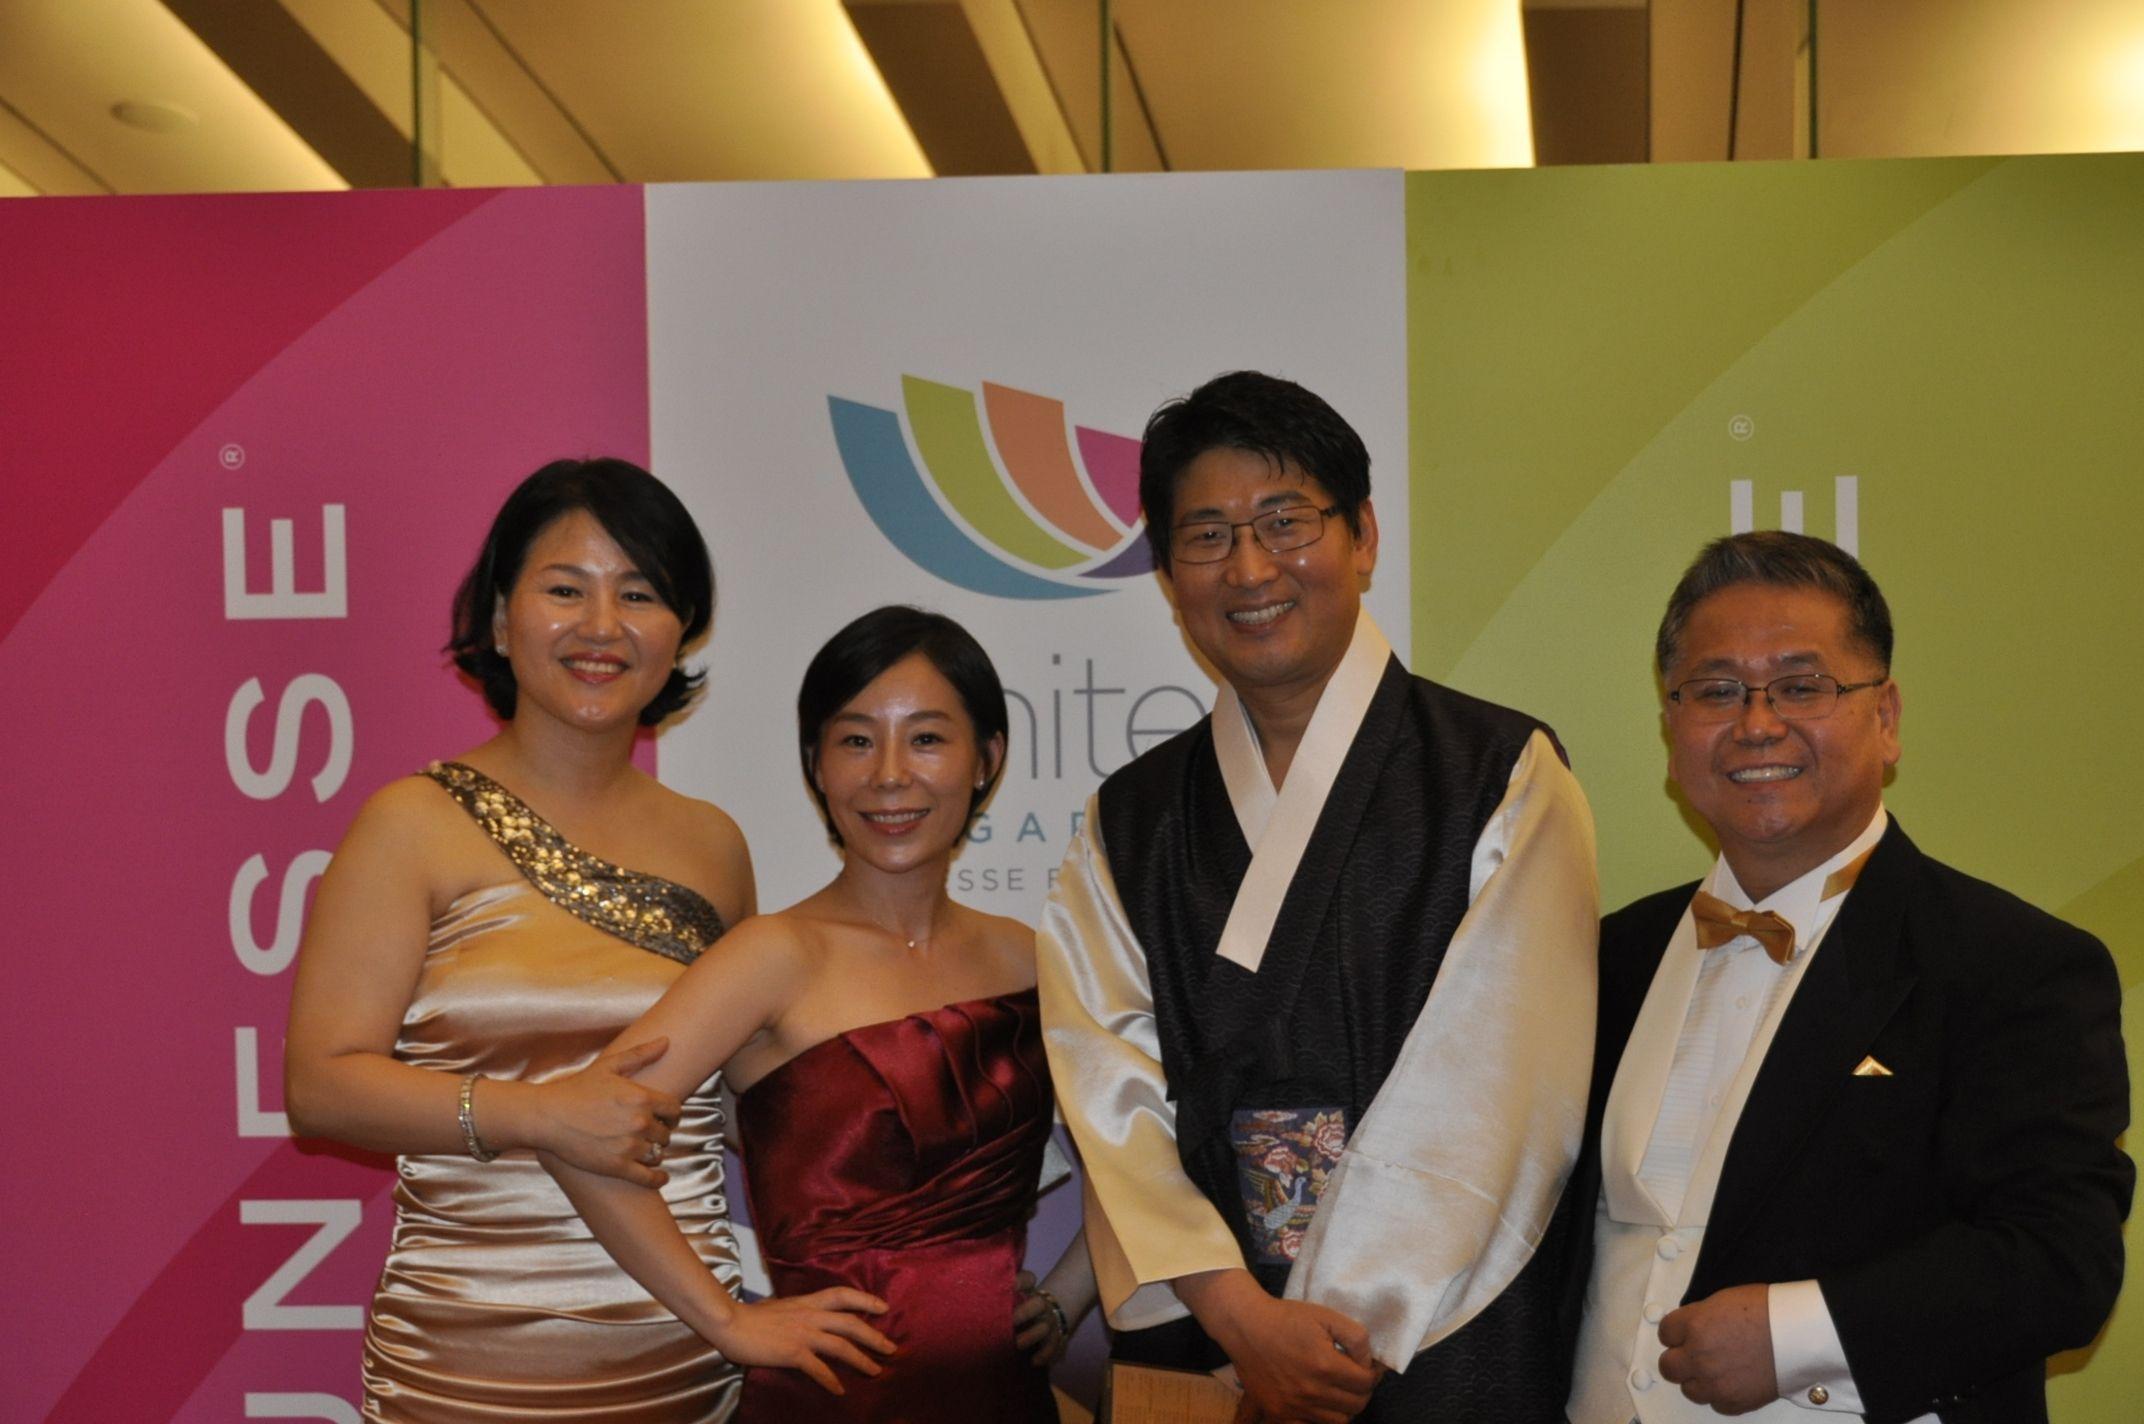 싱가폴엑스포2015 마리나배이샌즈호텔에서 주네스코리아GM 켈시 권과.. www.system114.net